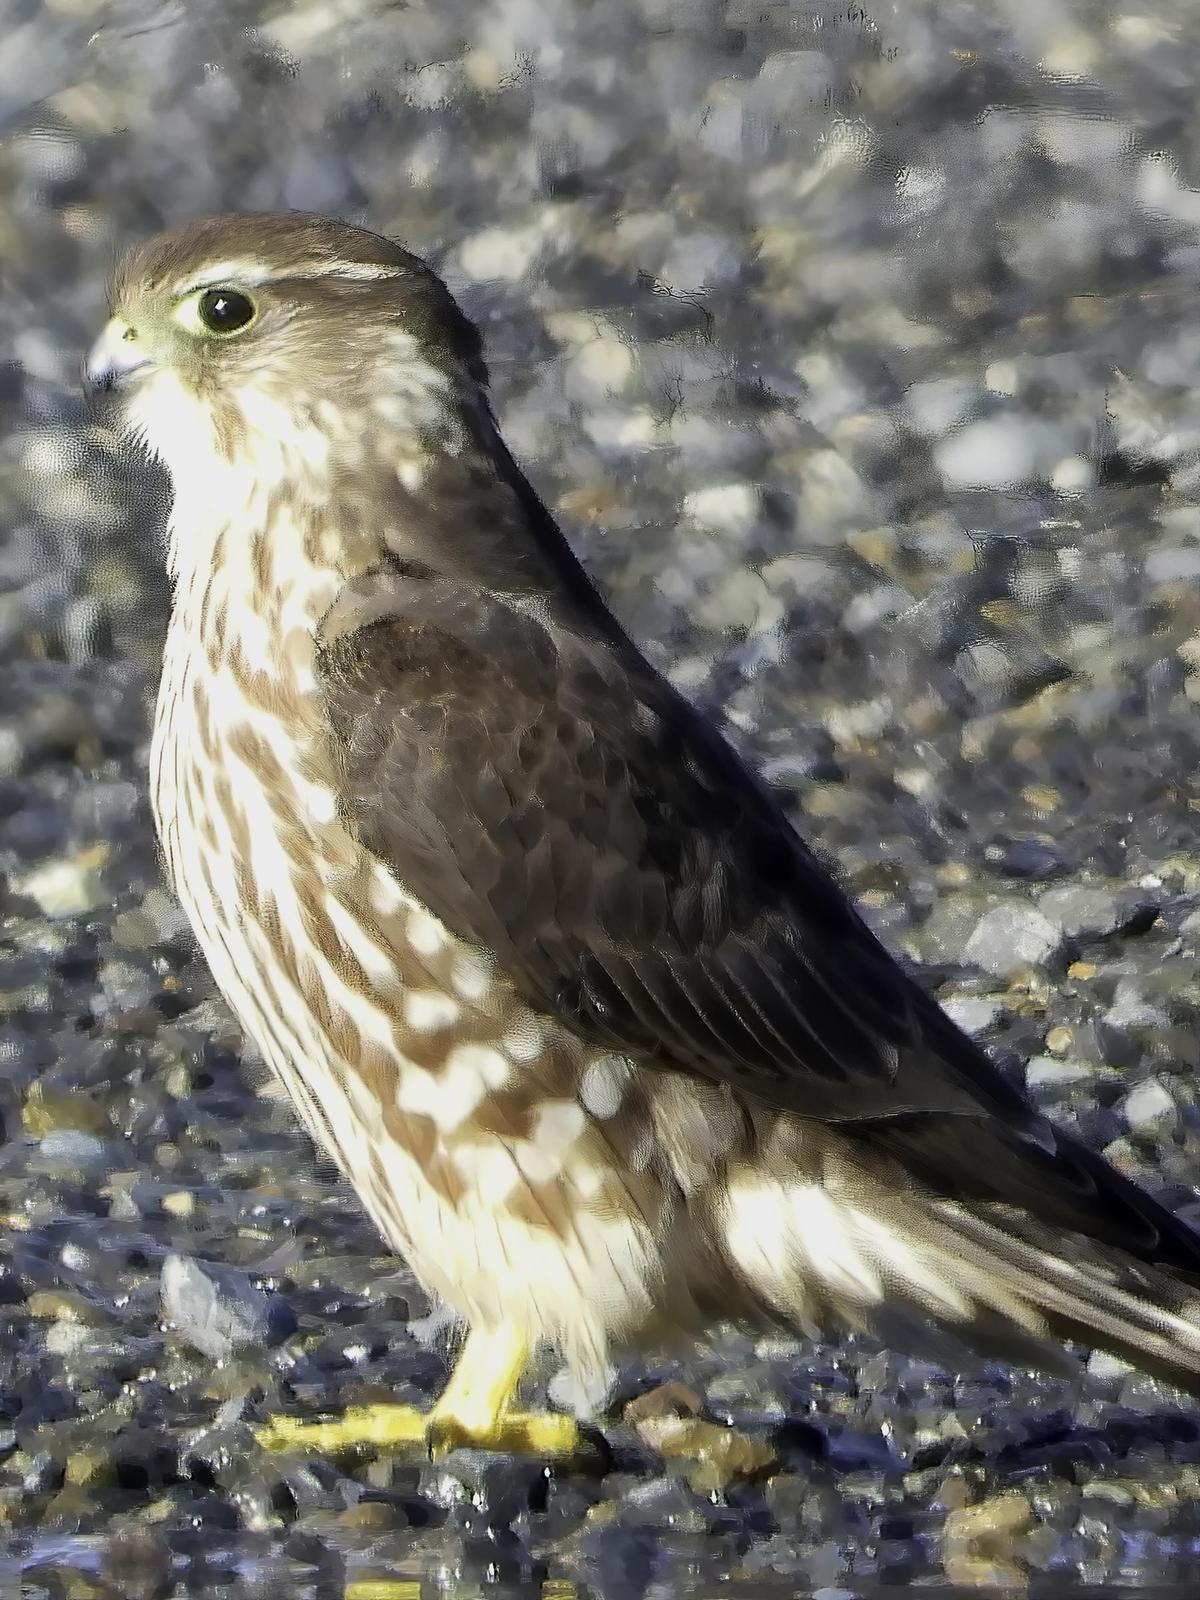 Merlin (Taiga) Photo by Dan Tallman